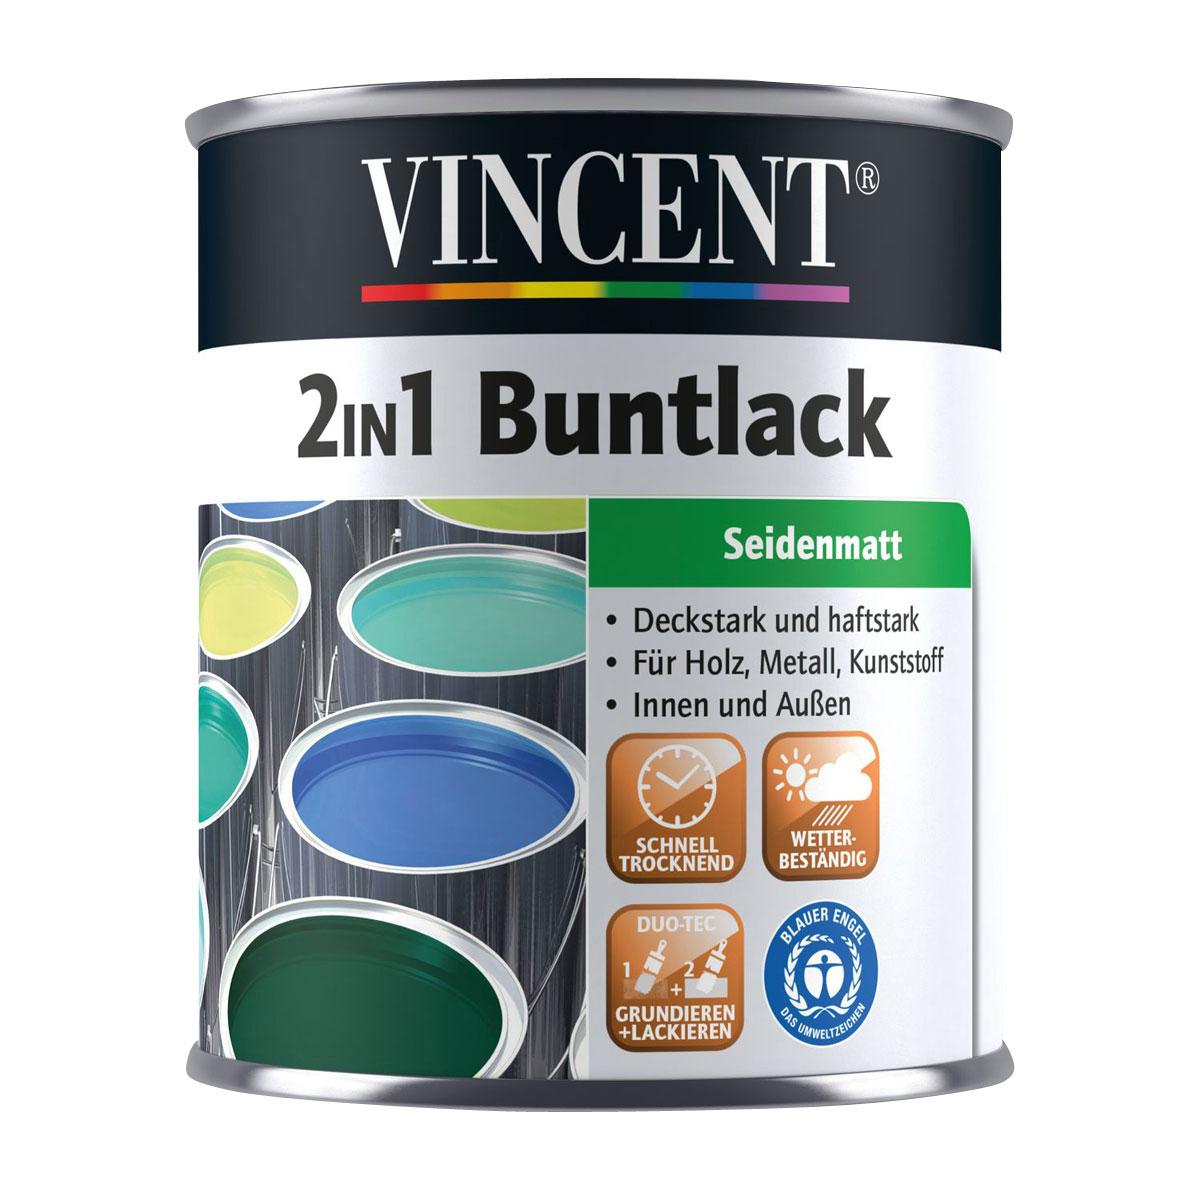 Vincent 2in1 Buntlack safrangelb